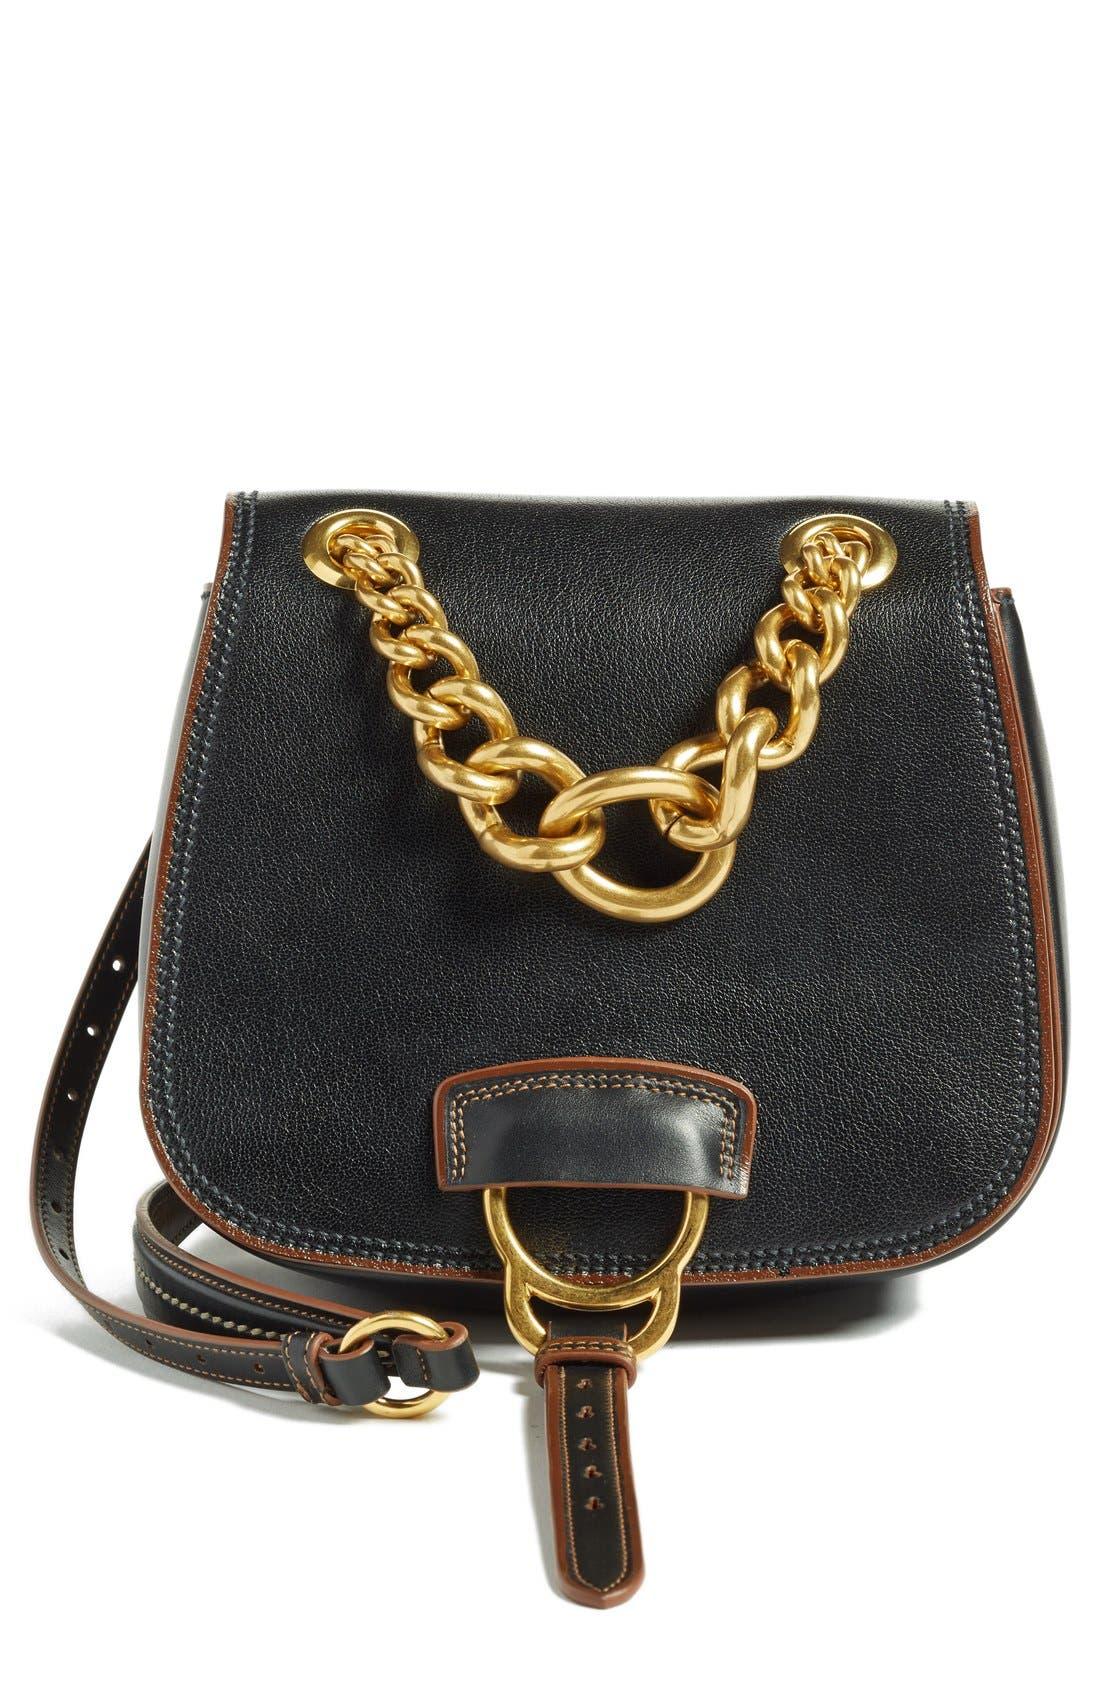 MIU MIU Dahlia Goatskin Leather Saddle Bag